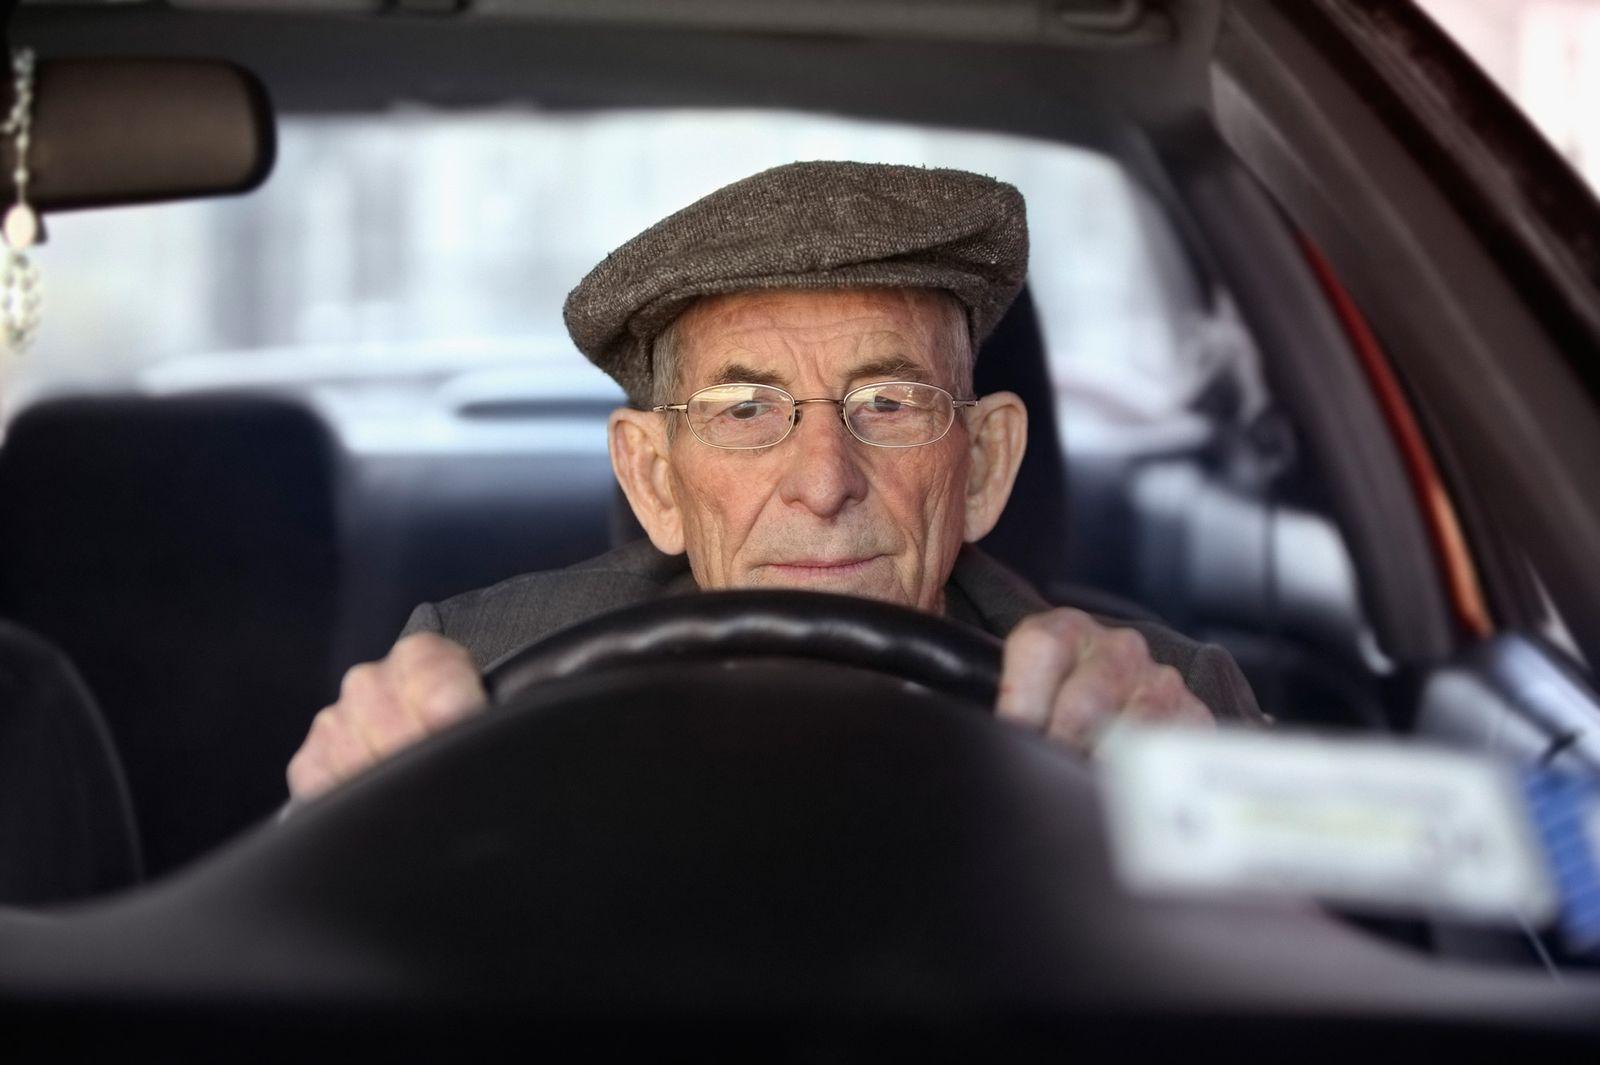 NICHT MEHR VERWENDEN! - Senioren / Auto